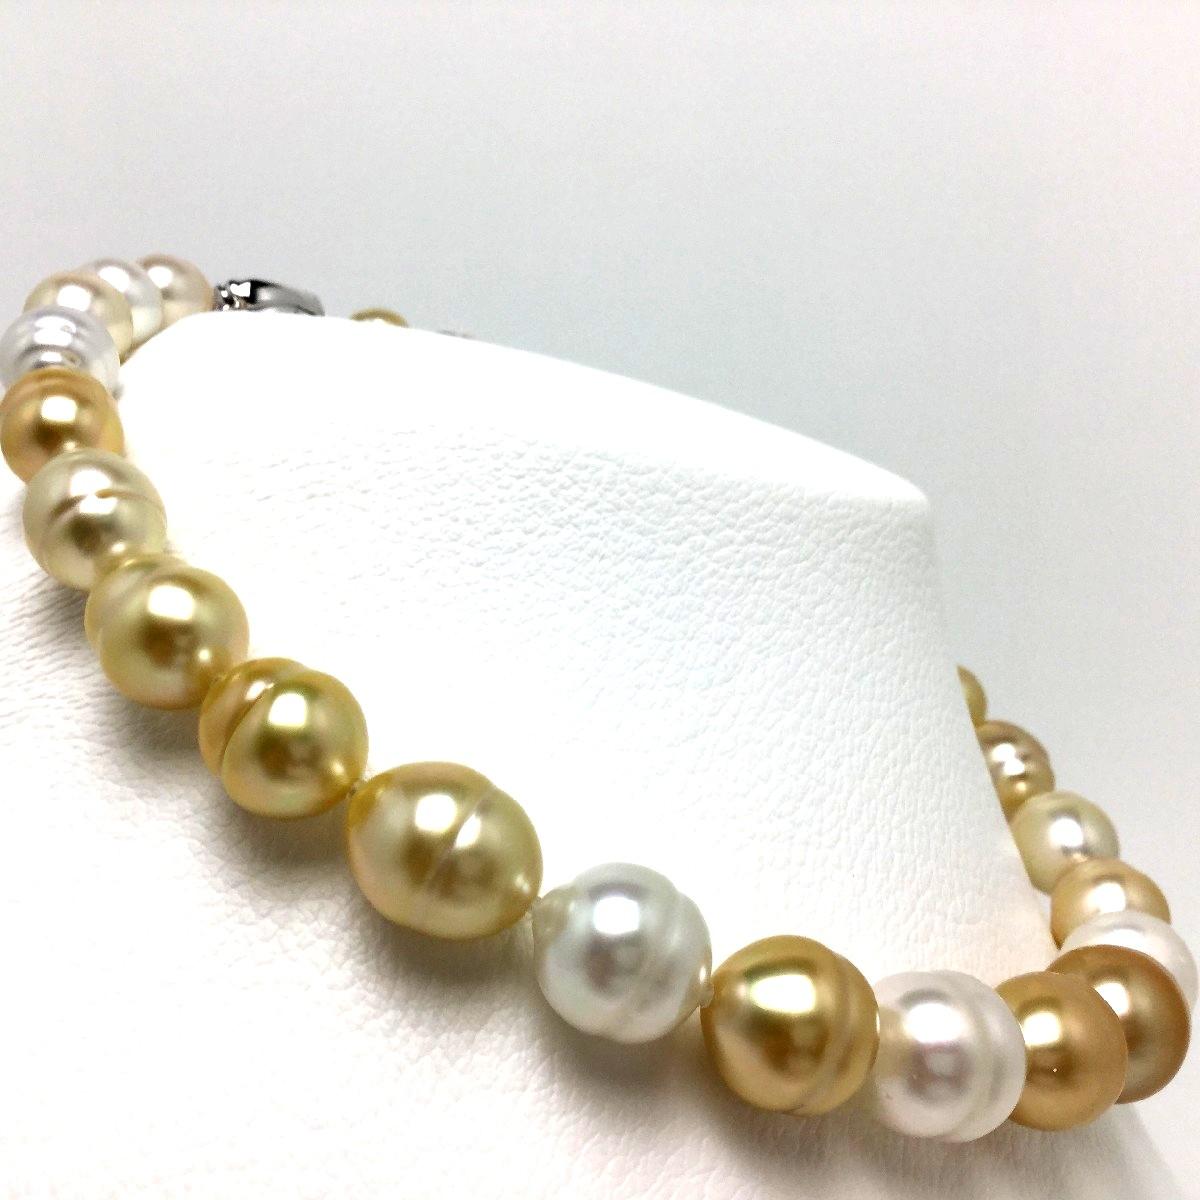 真珠 ネックレス パール ナチュラルカラー 白蝶真珠 10.2-15.0mm マルチカラー シルバー クラスップ 66675 イソワパール